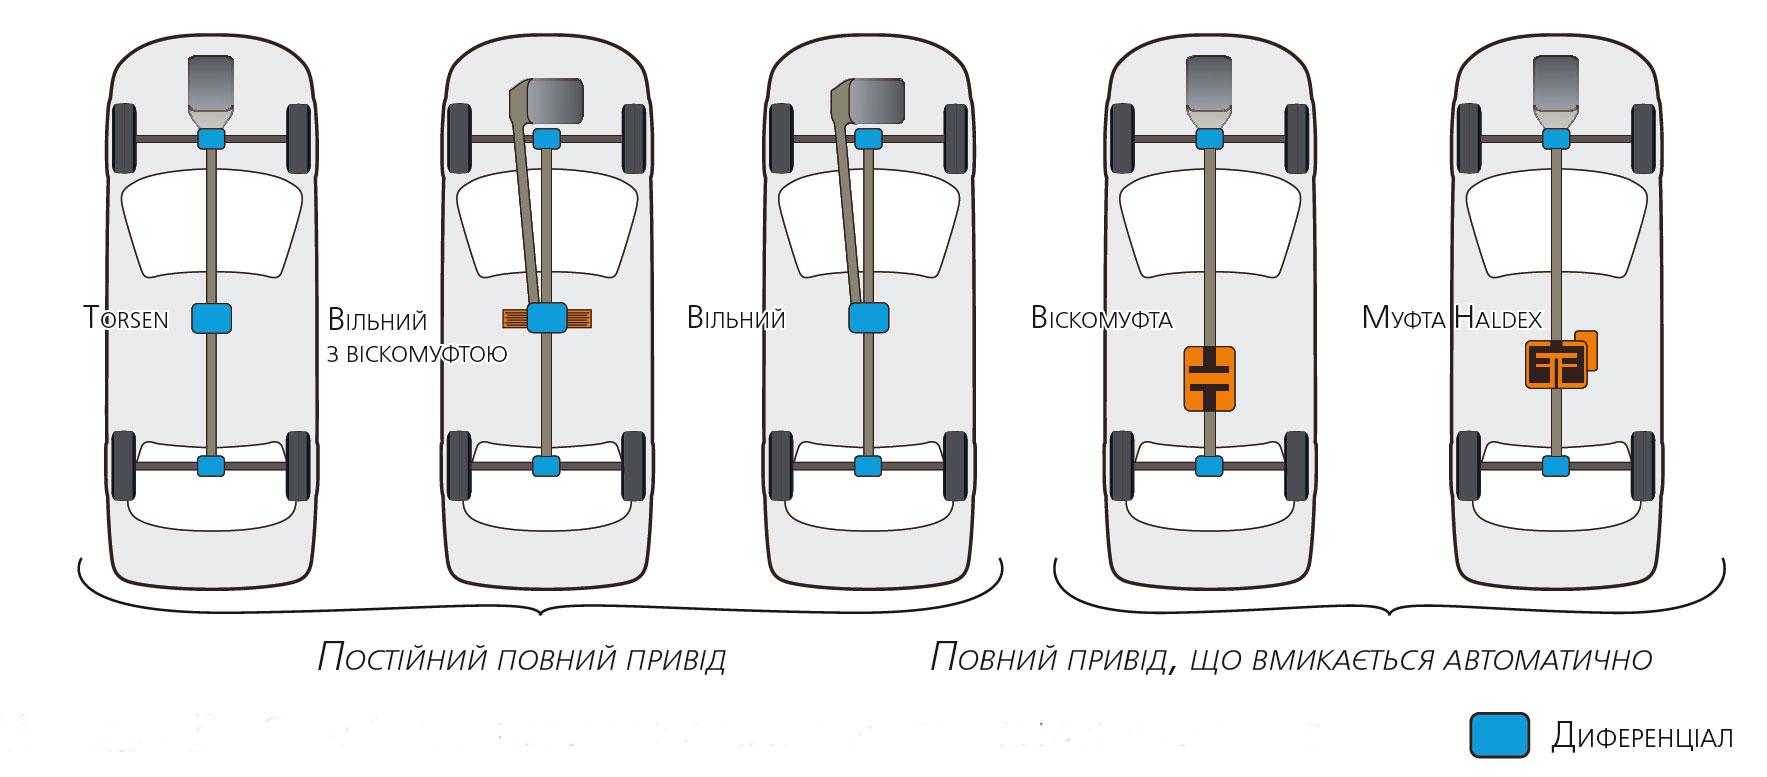 Найбільш популярні схеми повноприводних автомобілів з різними механізмами блокування